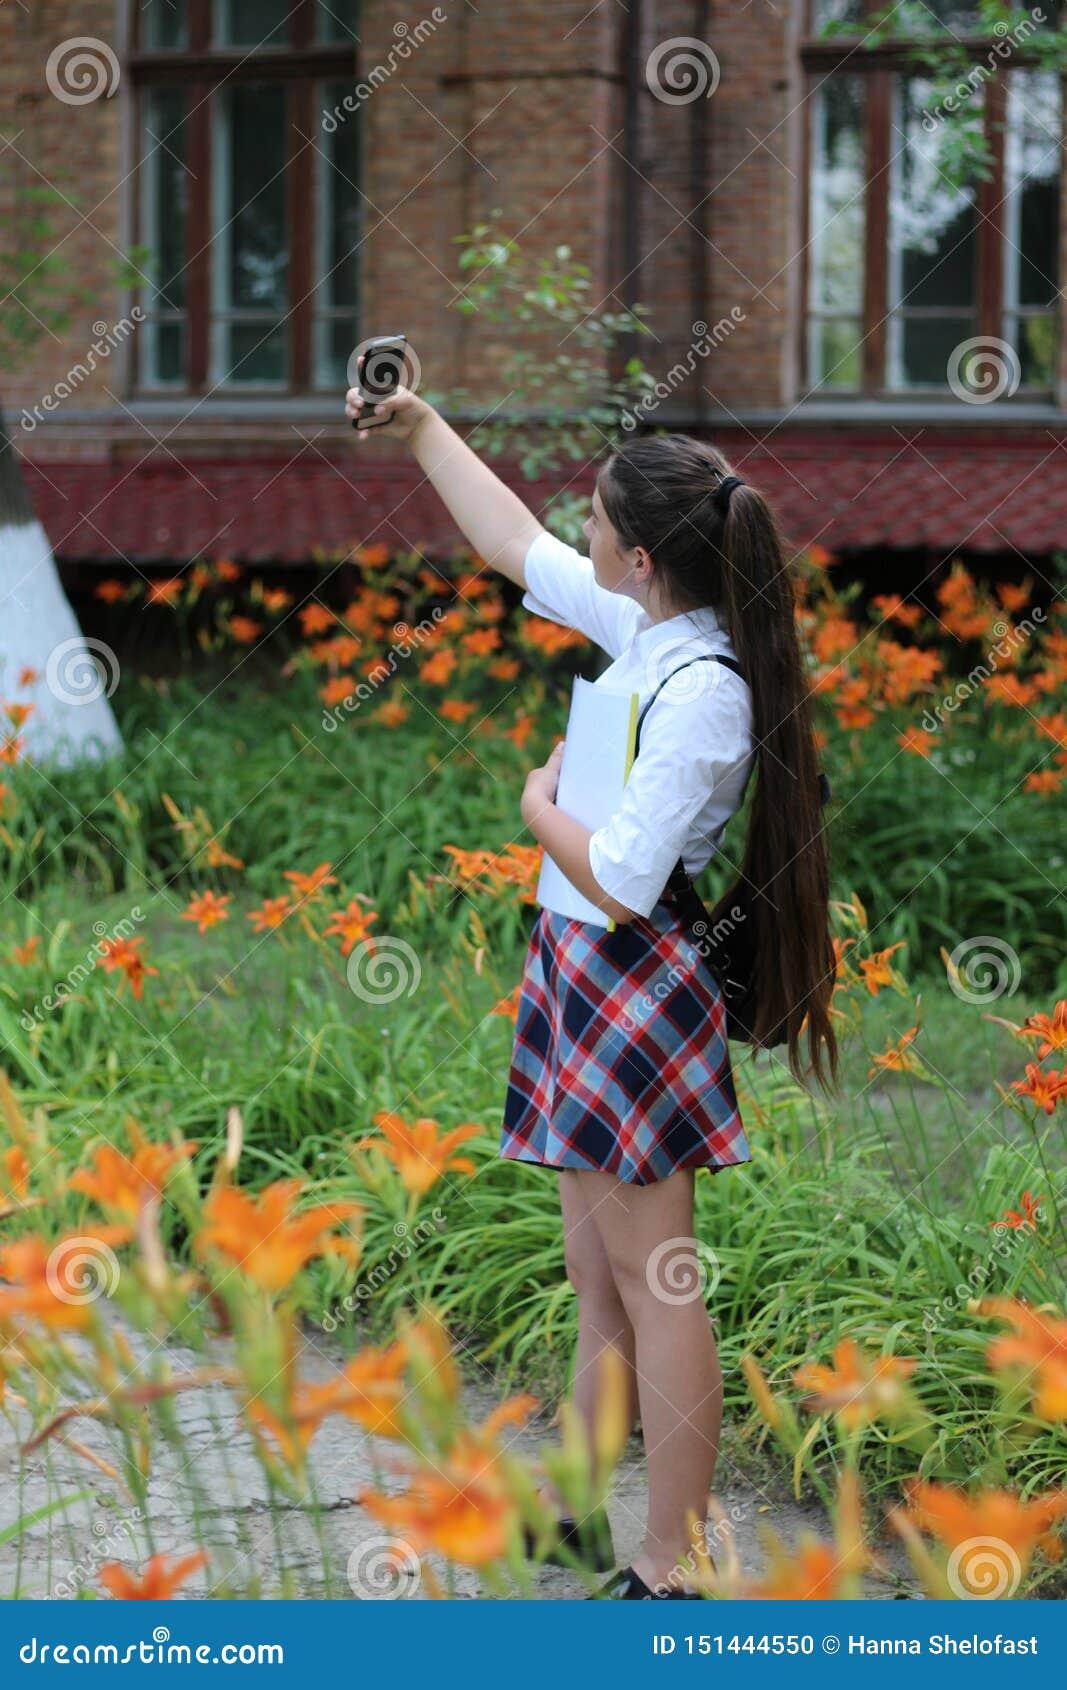 Dziewczyny uczennica z długie włosy w mundurku szkolnym robi selfie